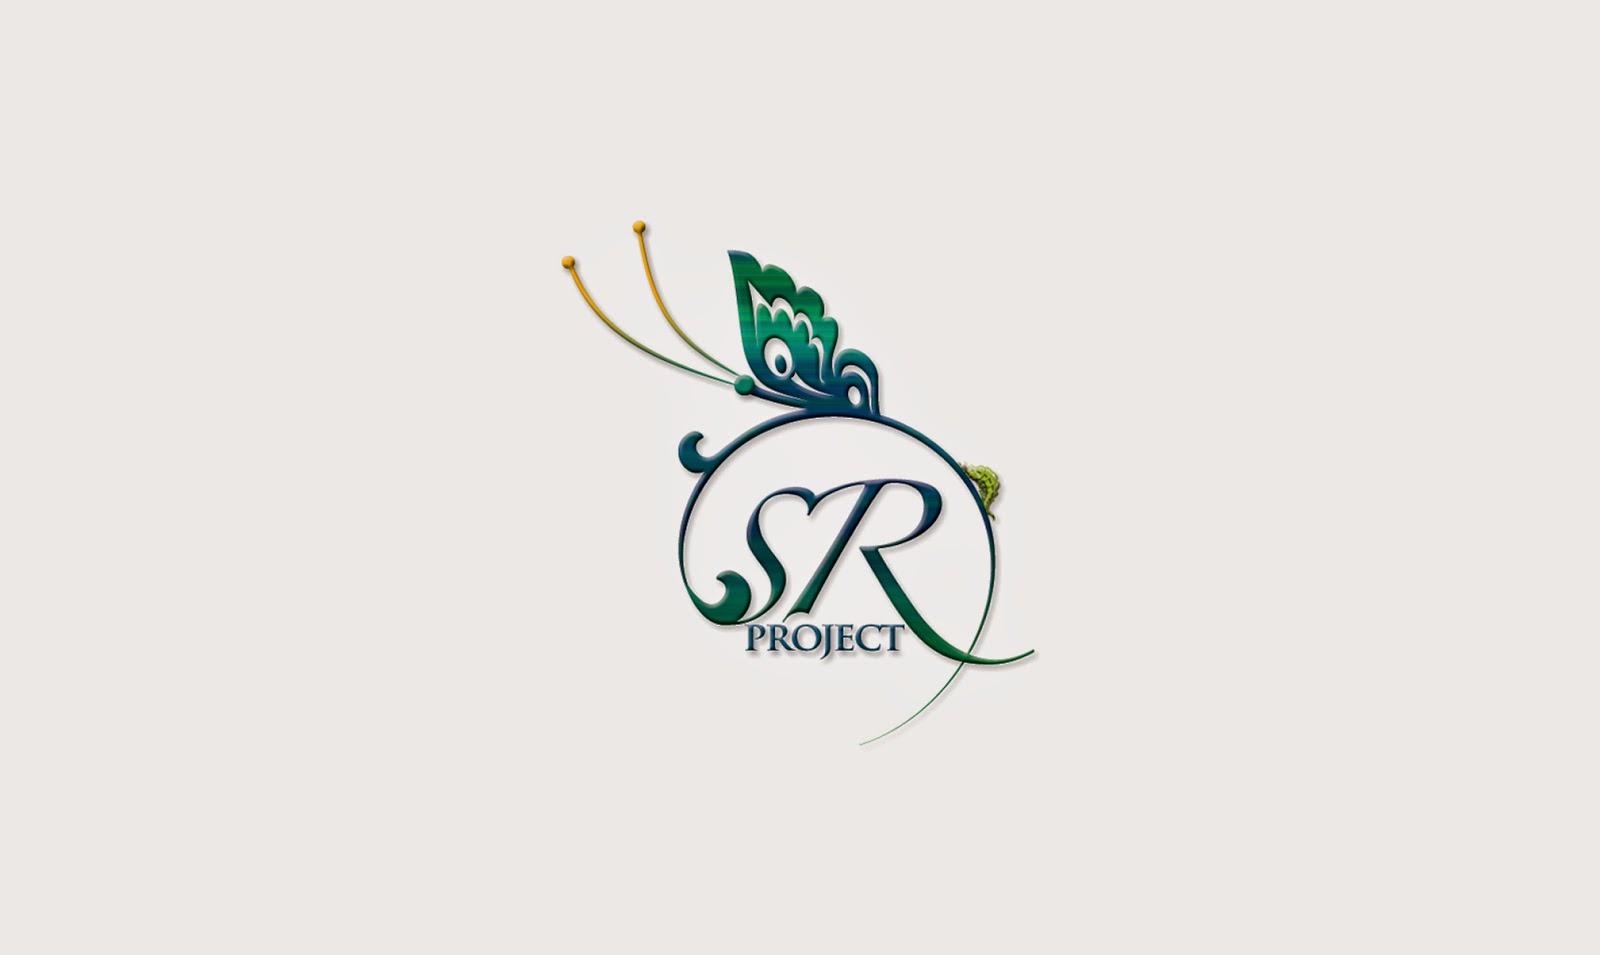 Logo Design Austin - Woodphoriaky.com